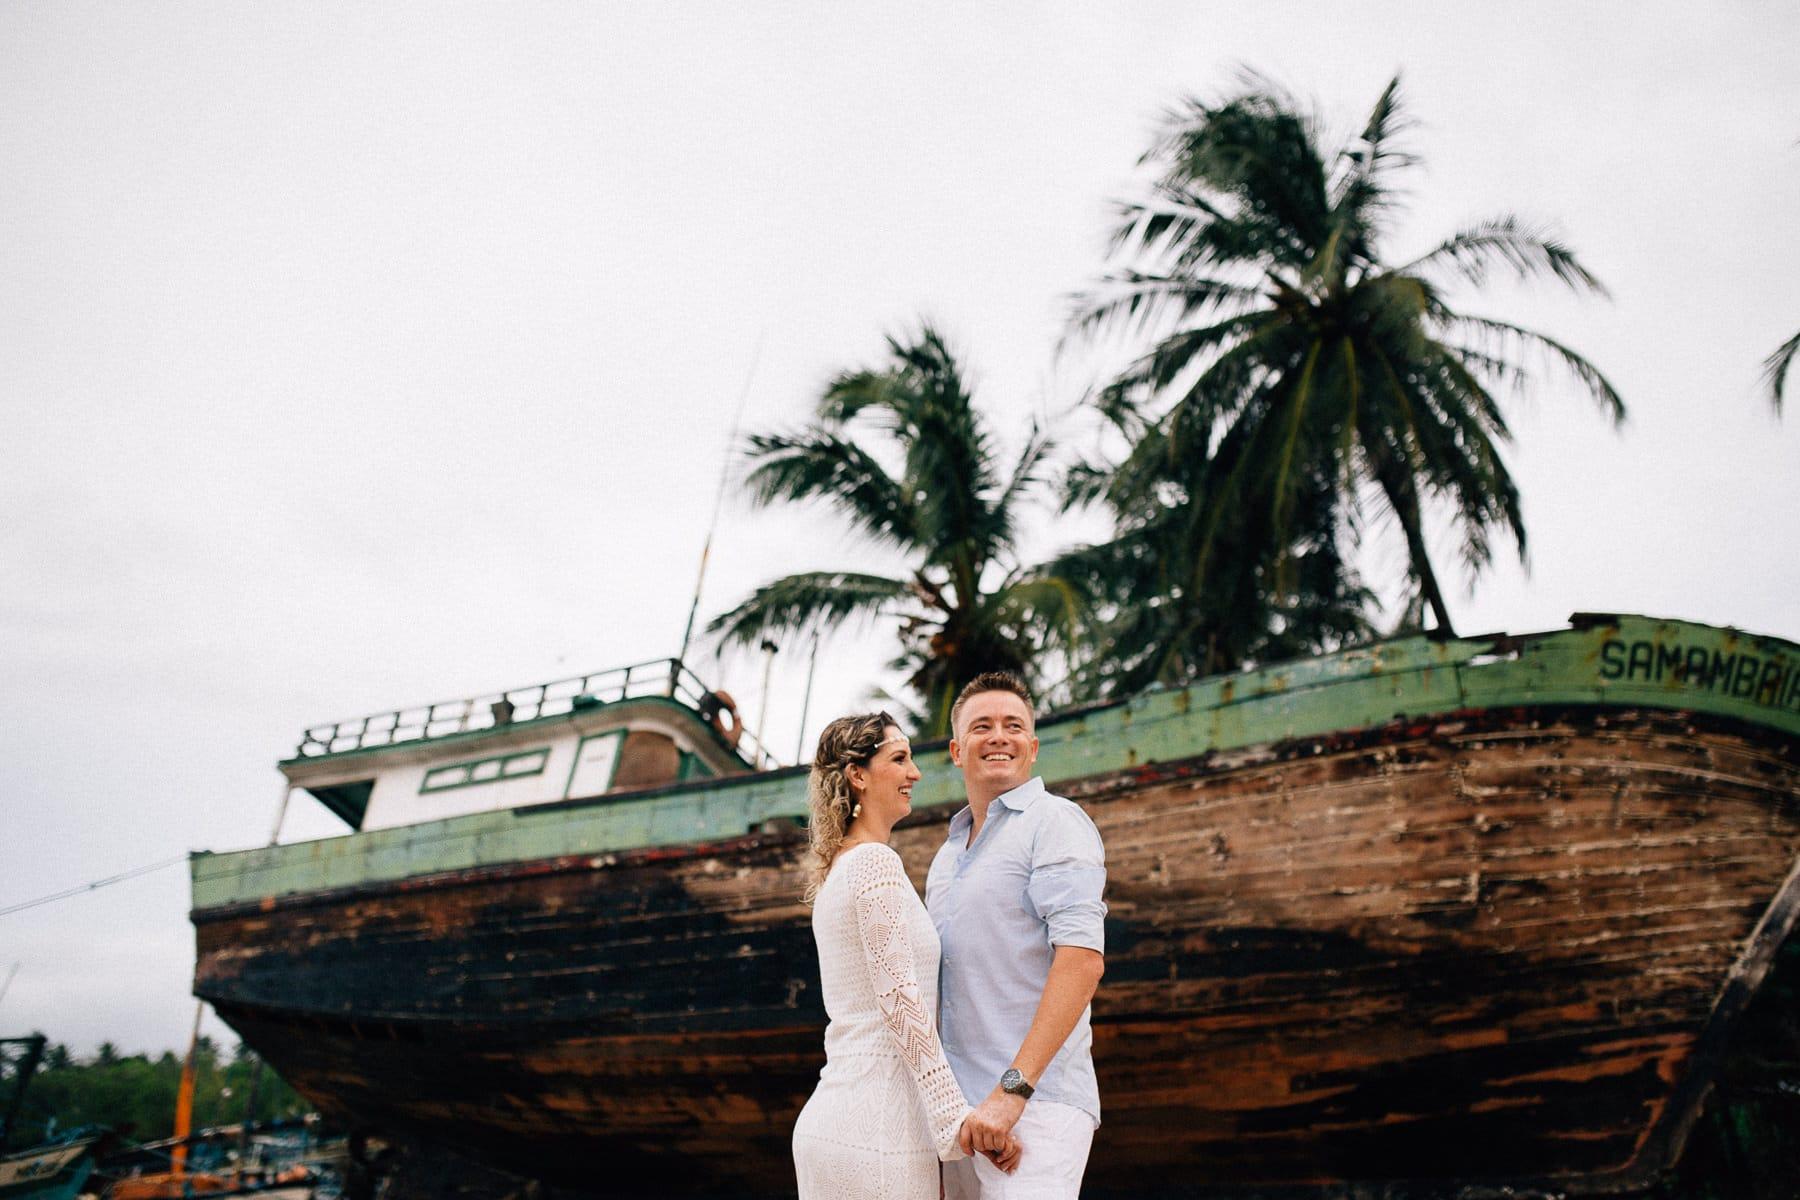 fotos de casal na vila de pescadores em Mundaú